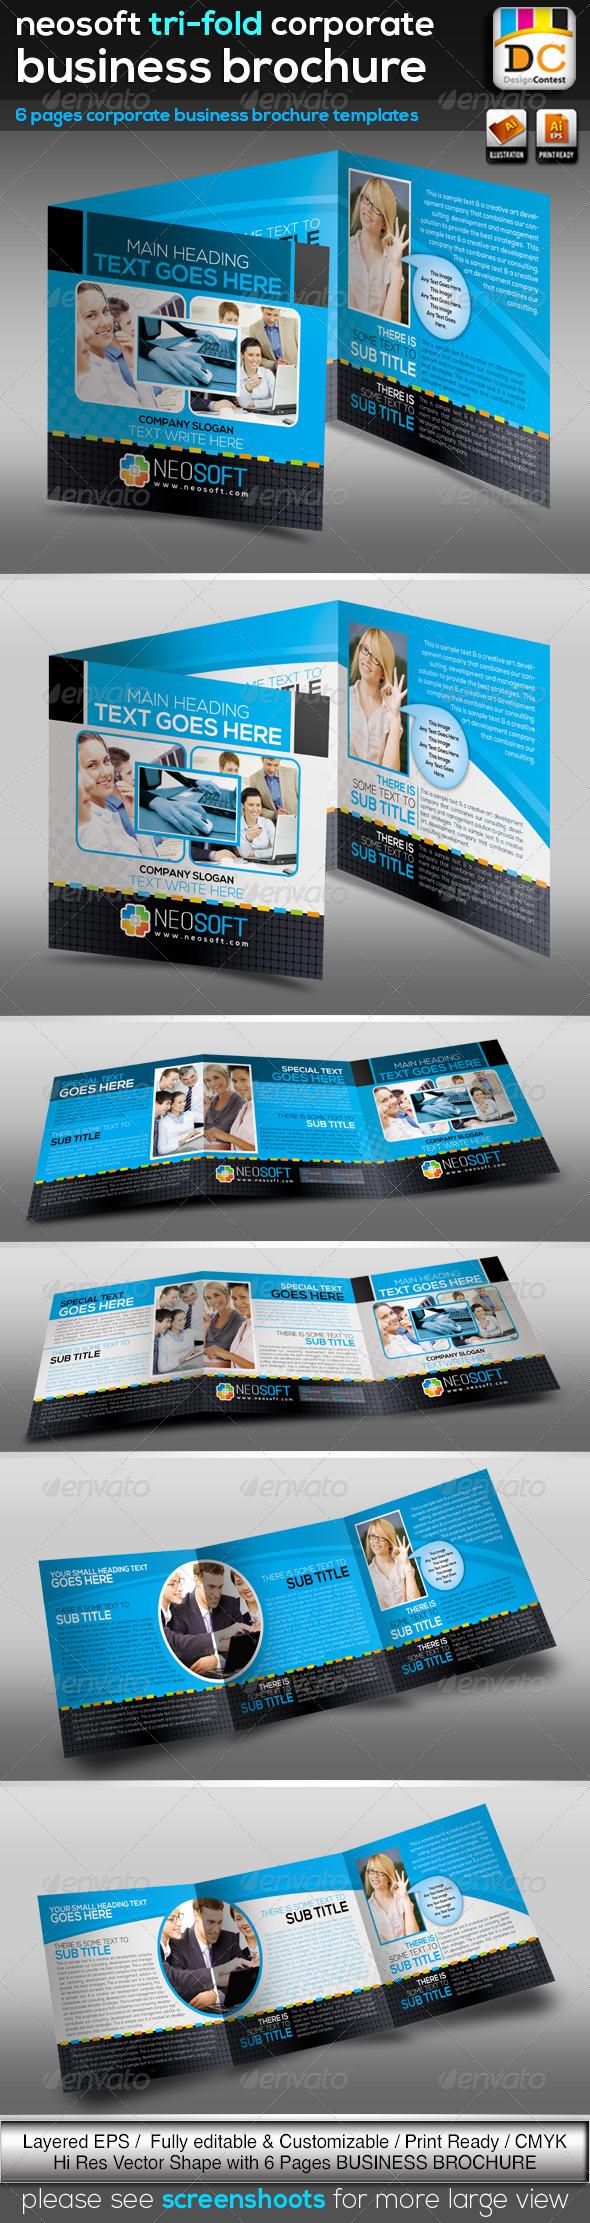 GraphicRiver NeoSoft Tri-fold Corporate Business Brochure V-02 3634939